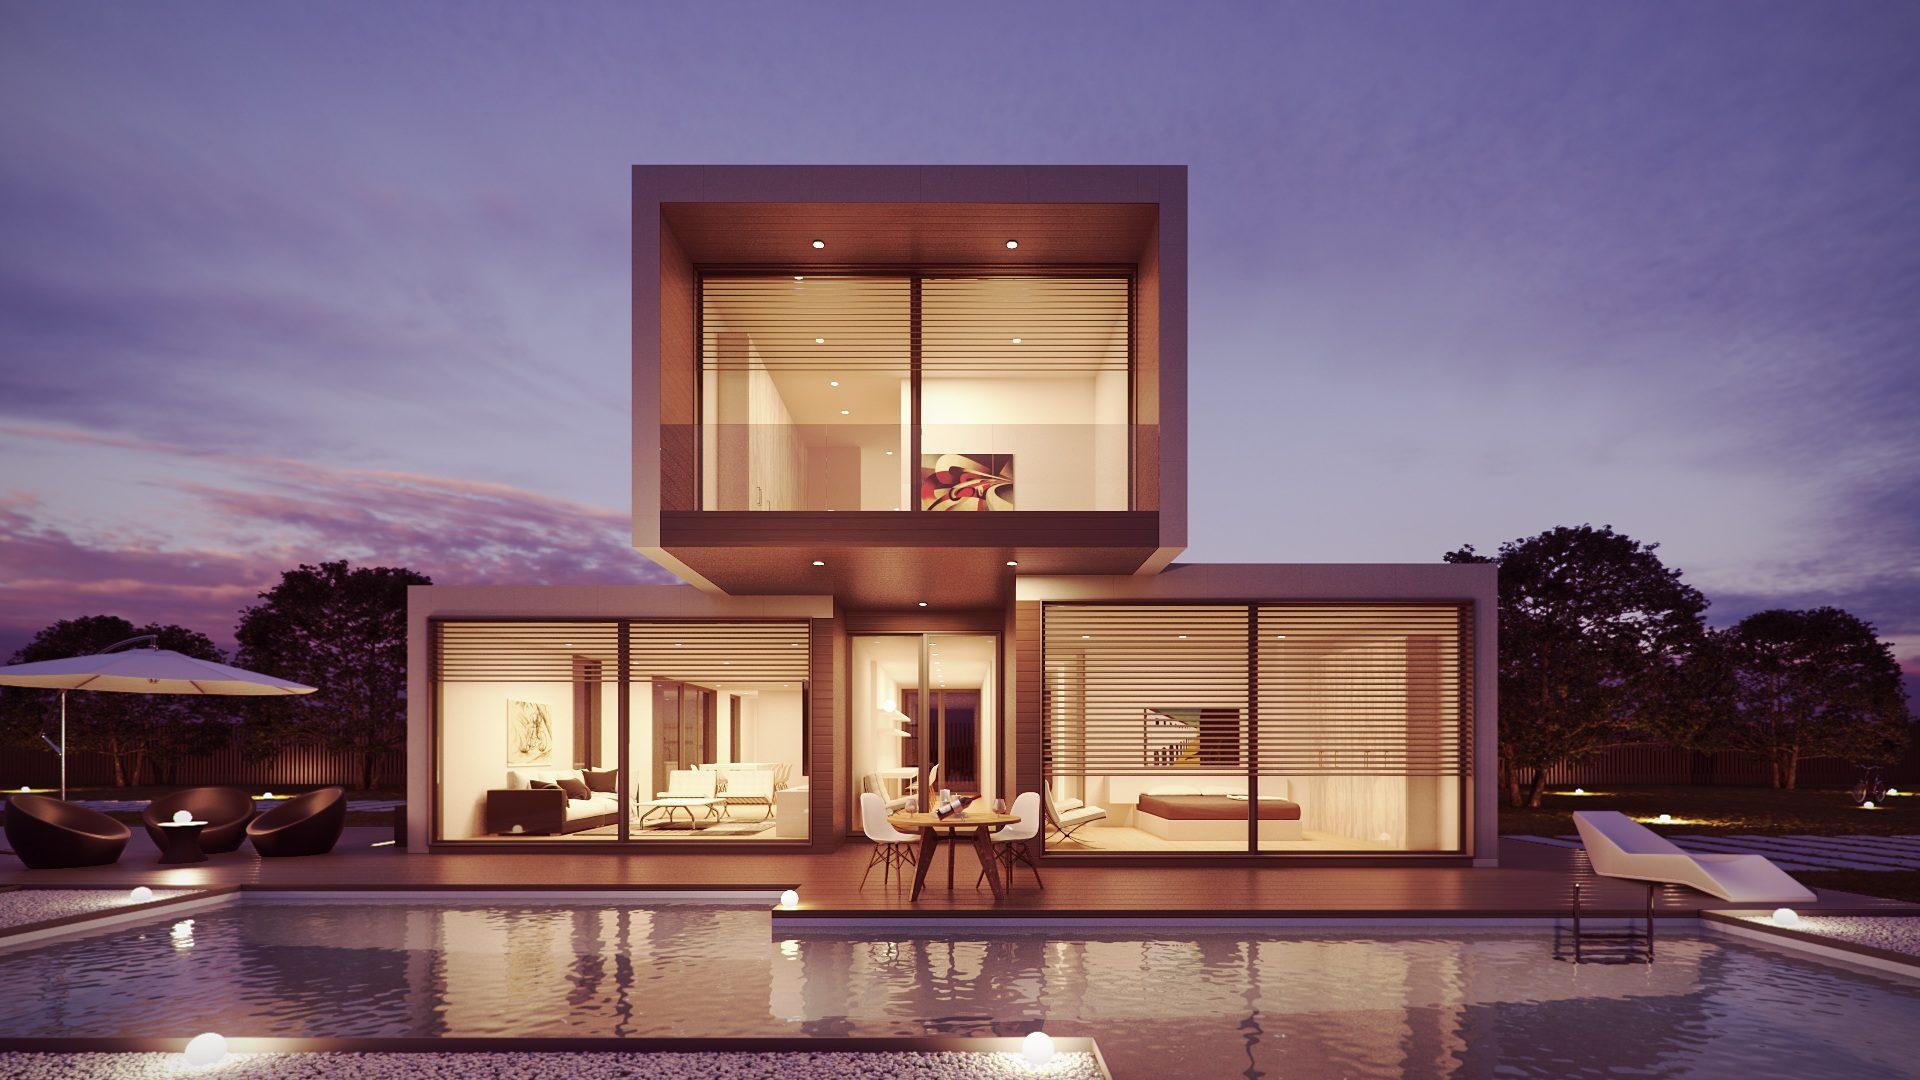 Σπίτι, αρχιτεκτονική, módulos, πισίνα, Πολυτελή ξενοδοχεία - Wallpapers HD - Professor-falken.com